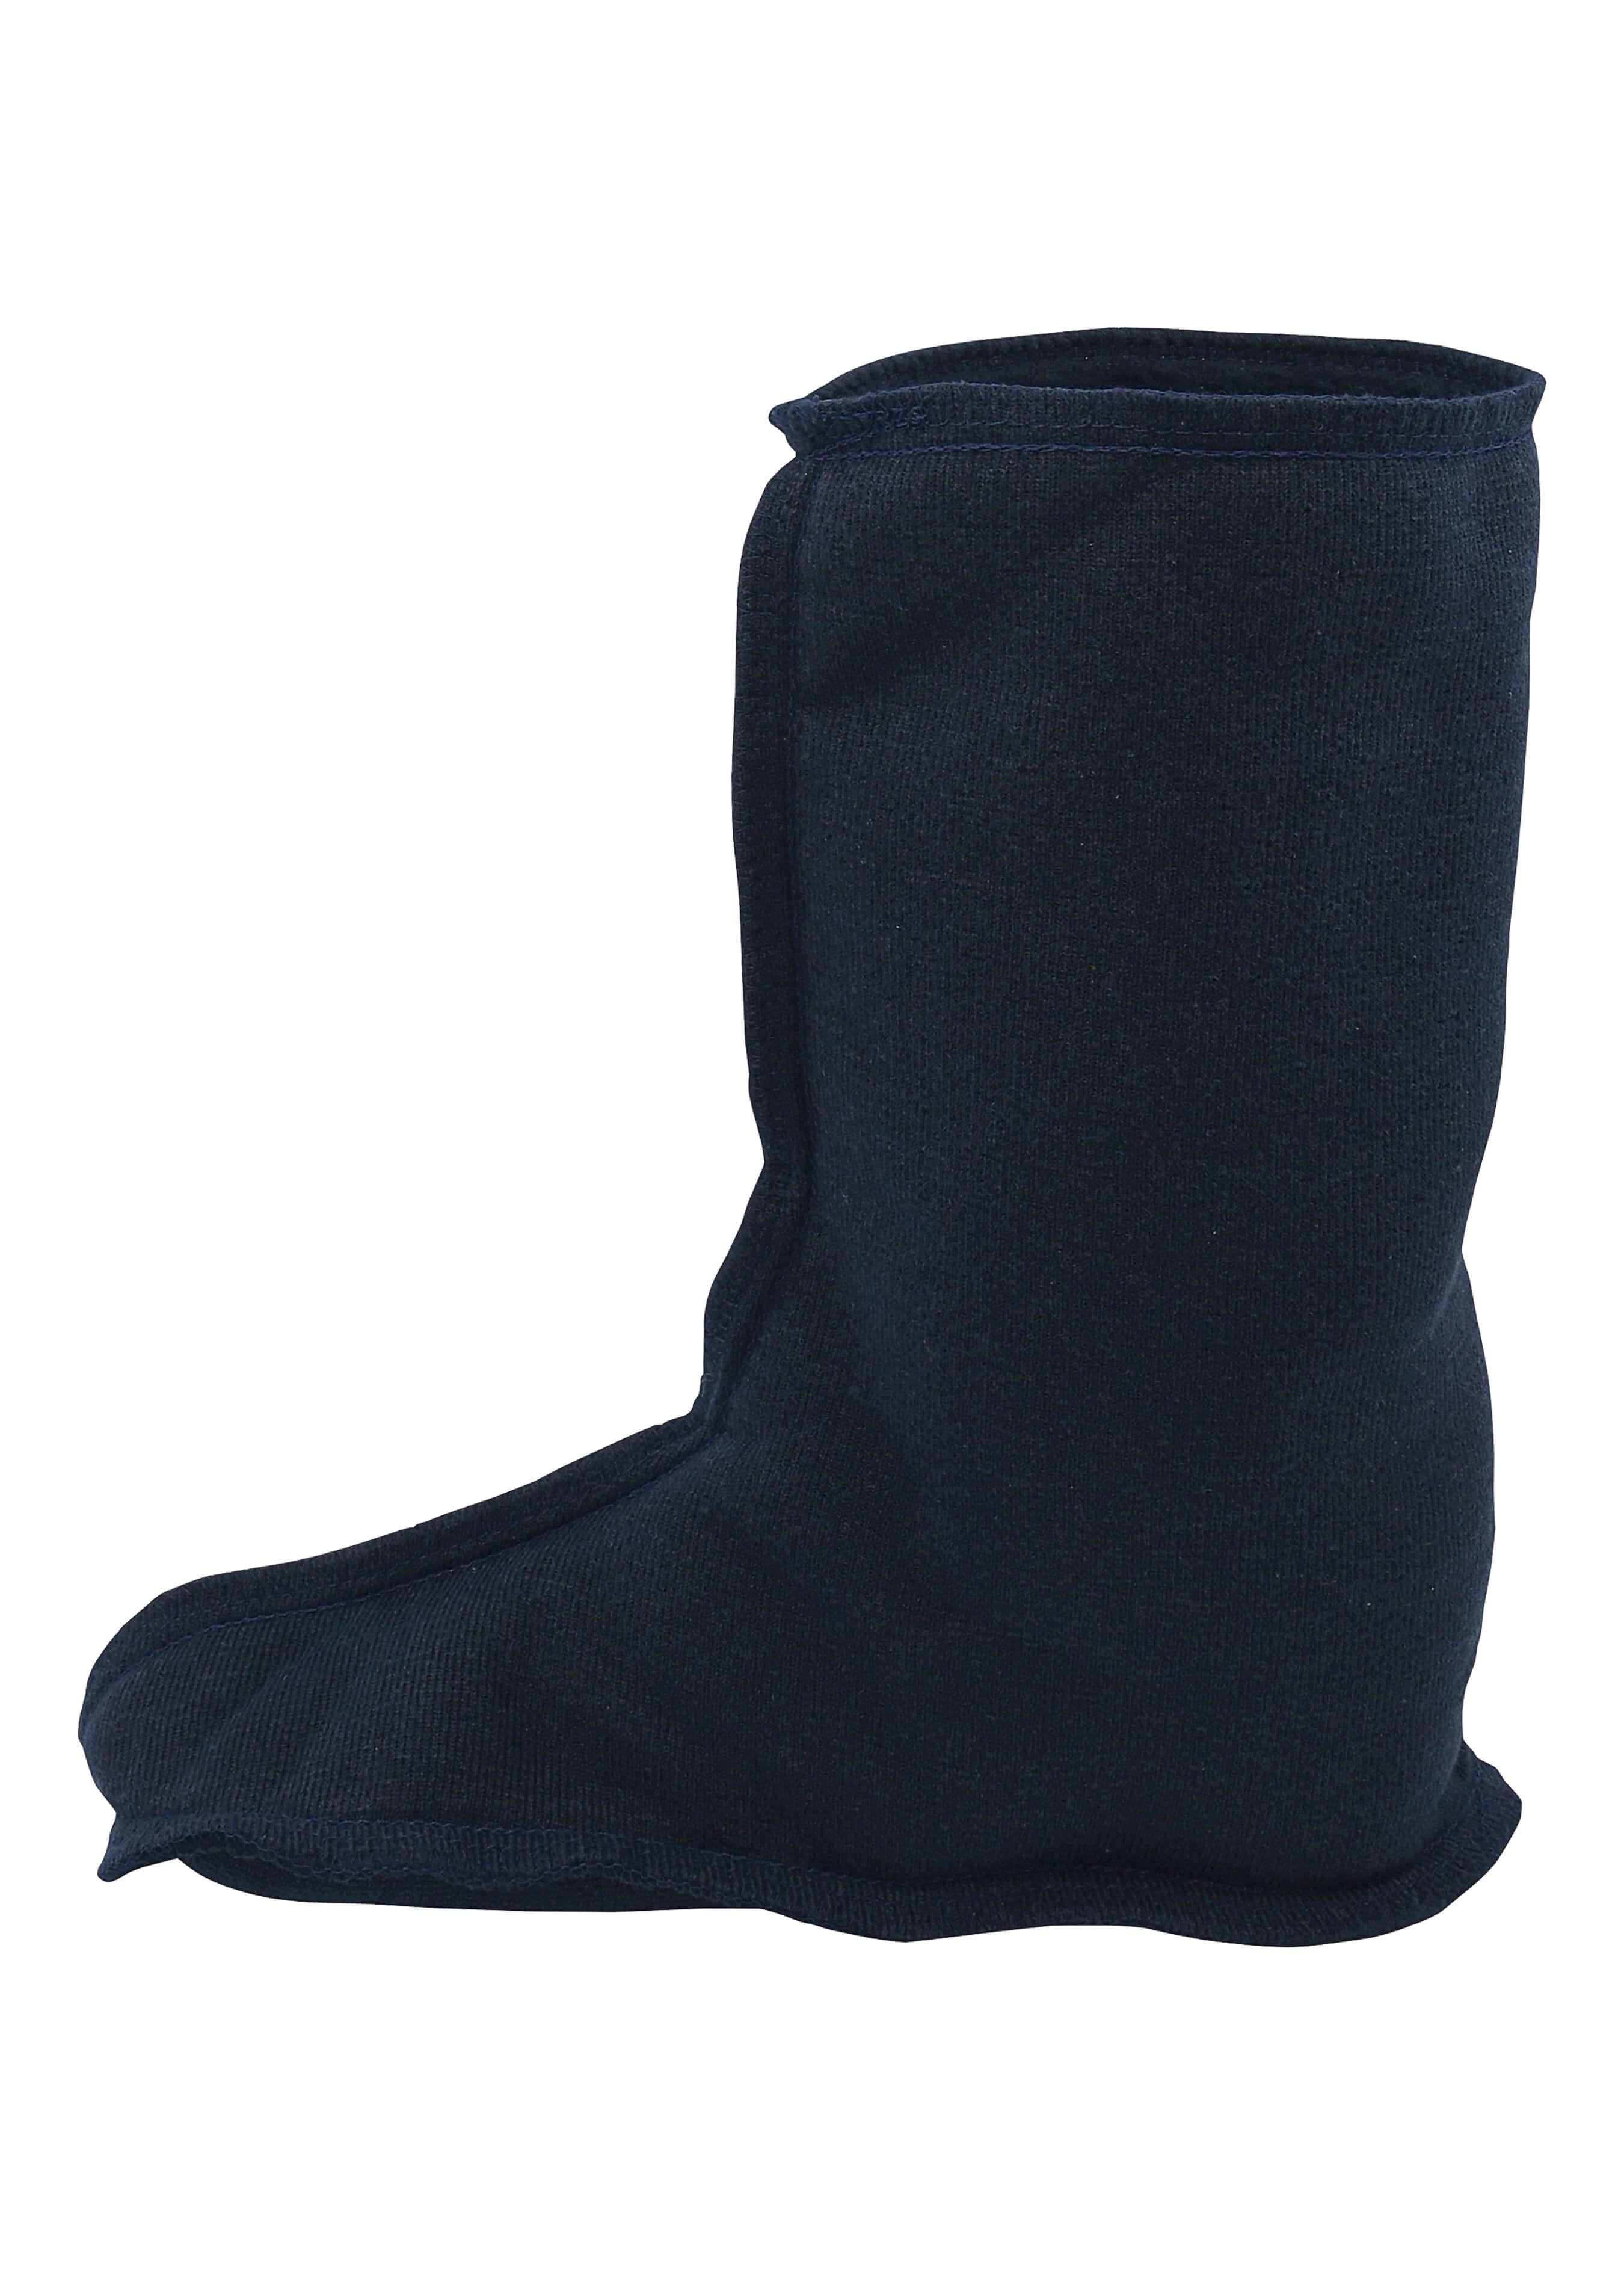 Elka Faserpelz-Stiefelsocken 151300 L1540038 1